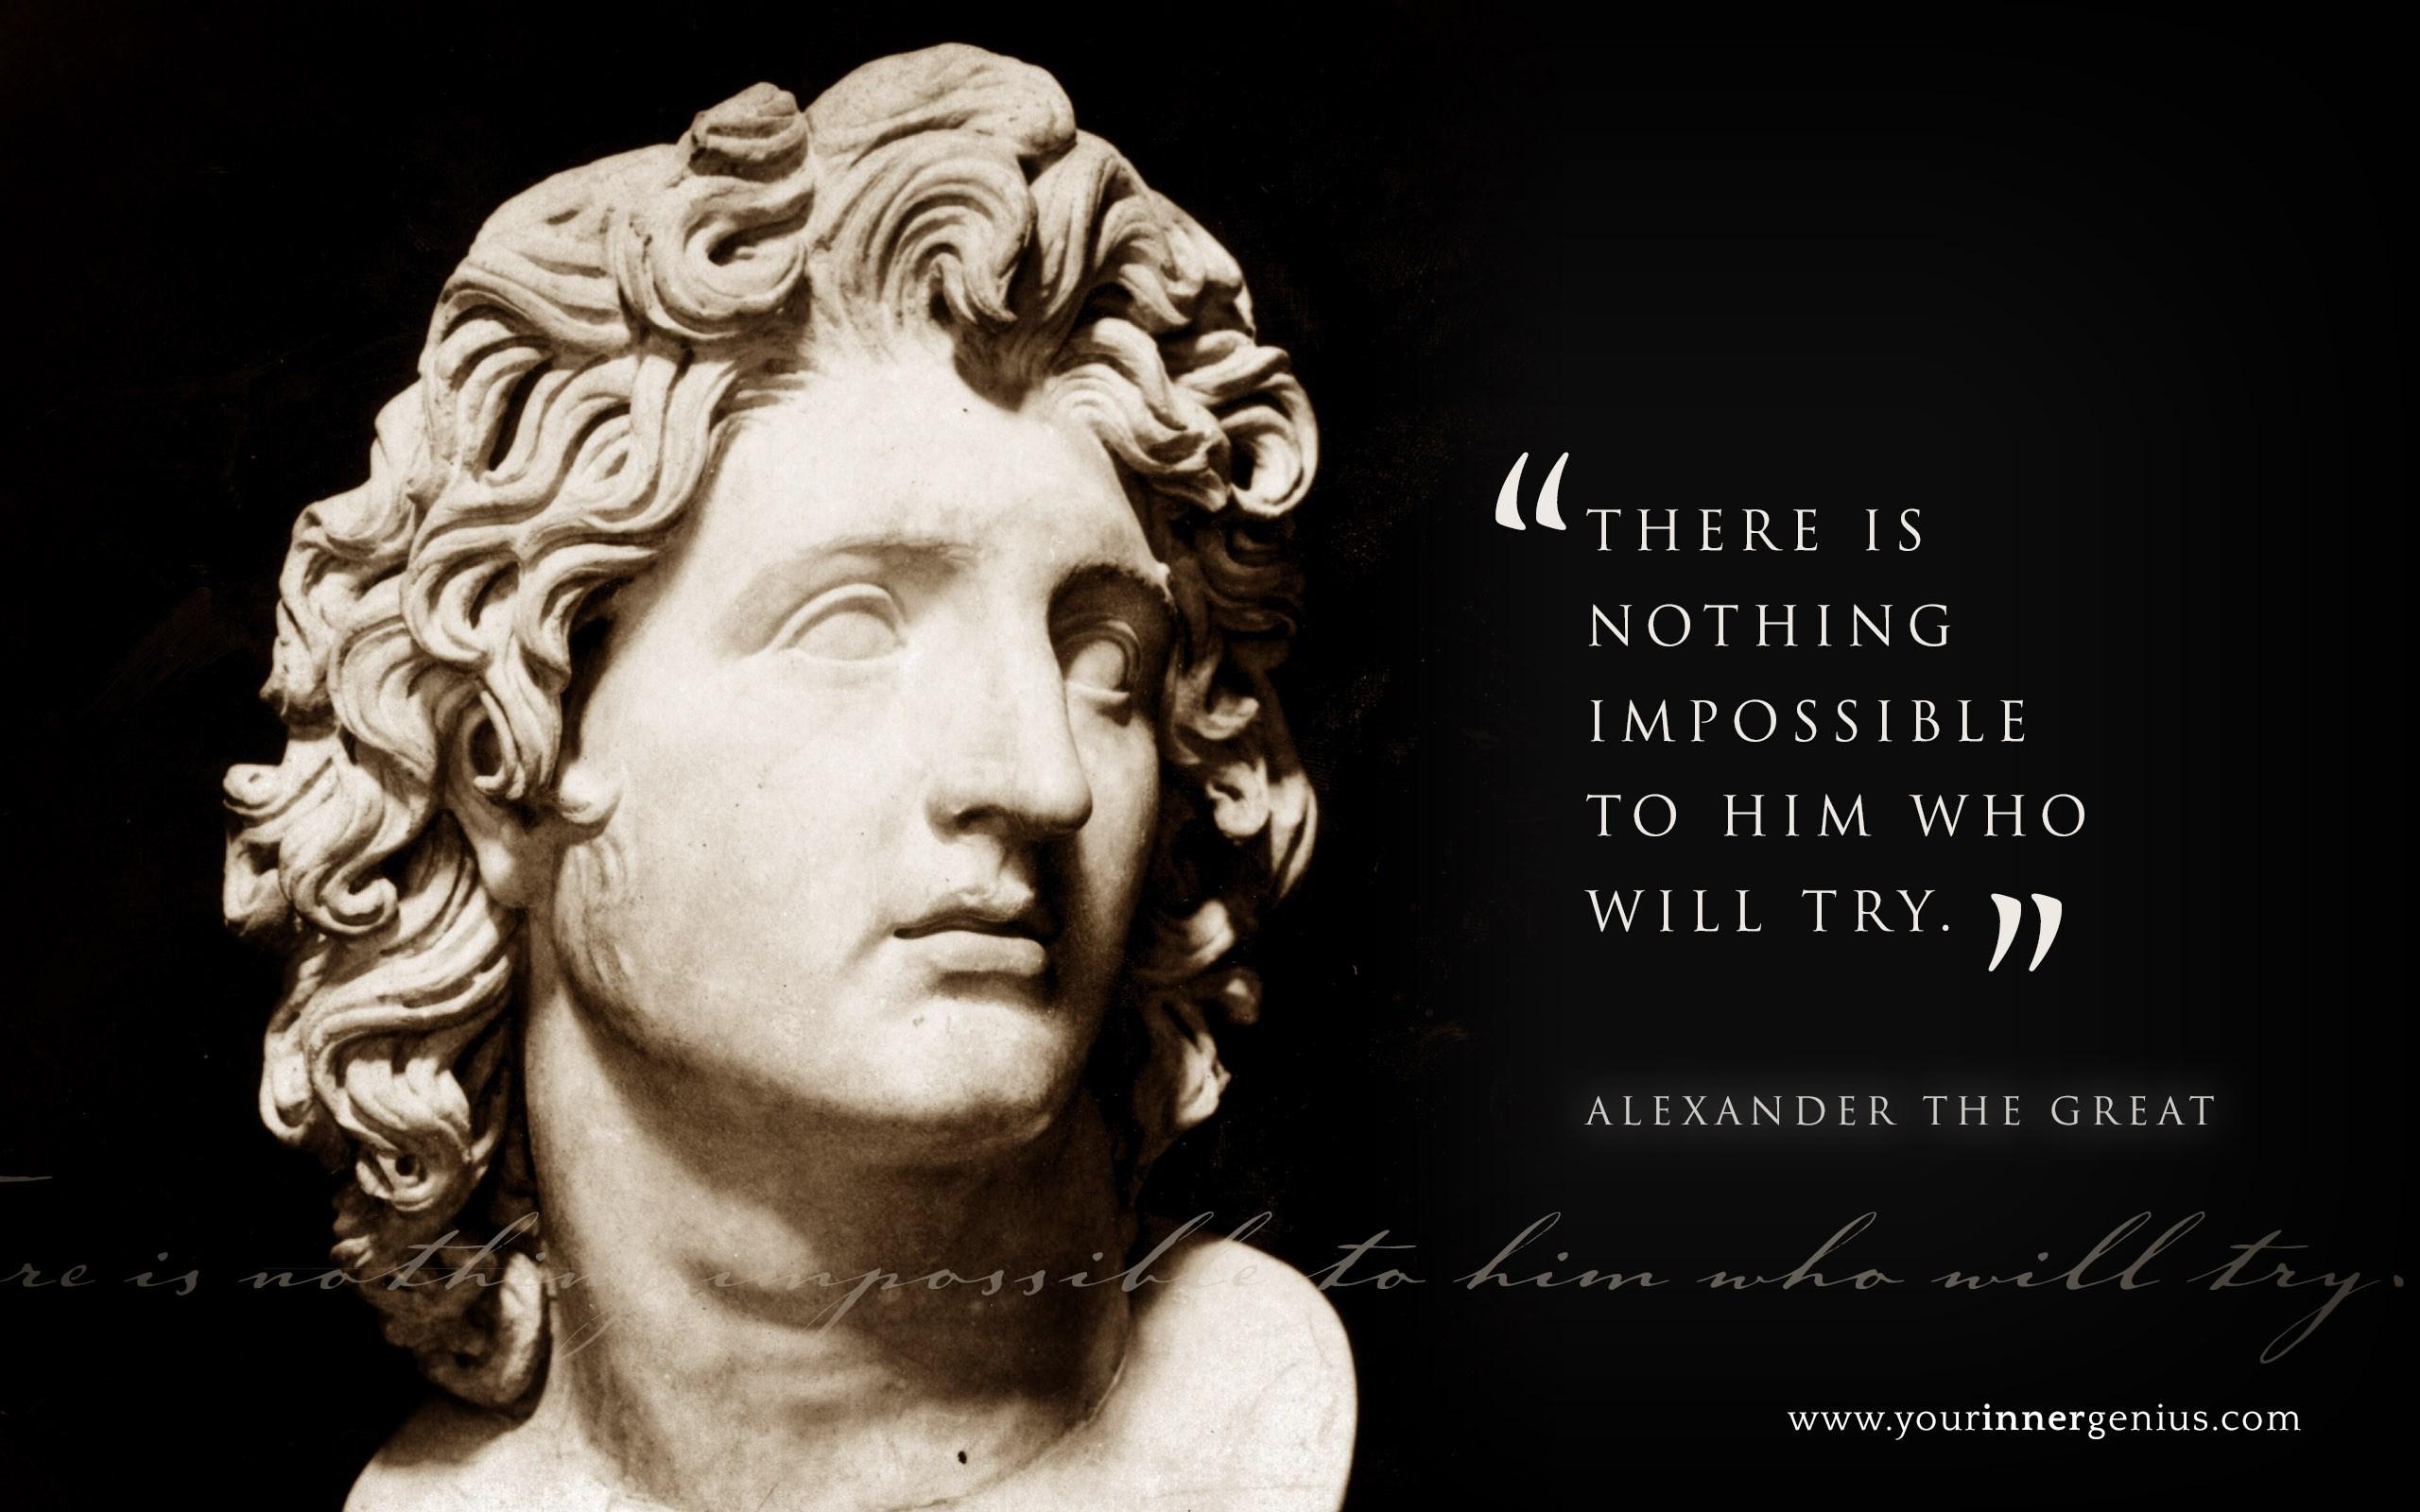 Alexander The Great Sculpture - HD Wallpaper